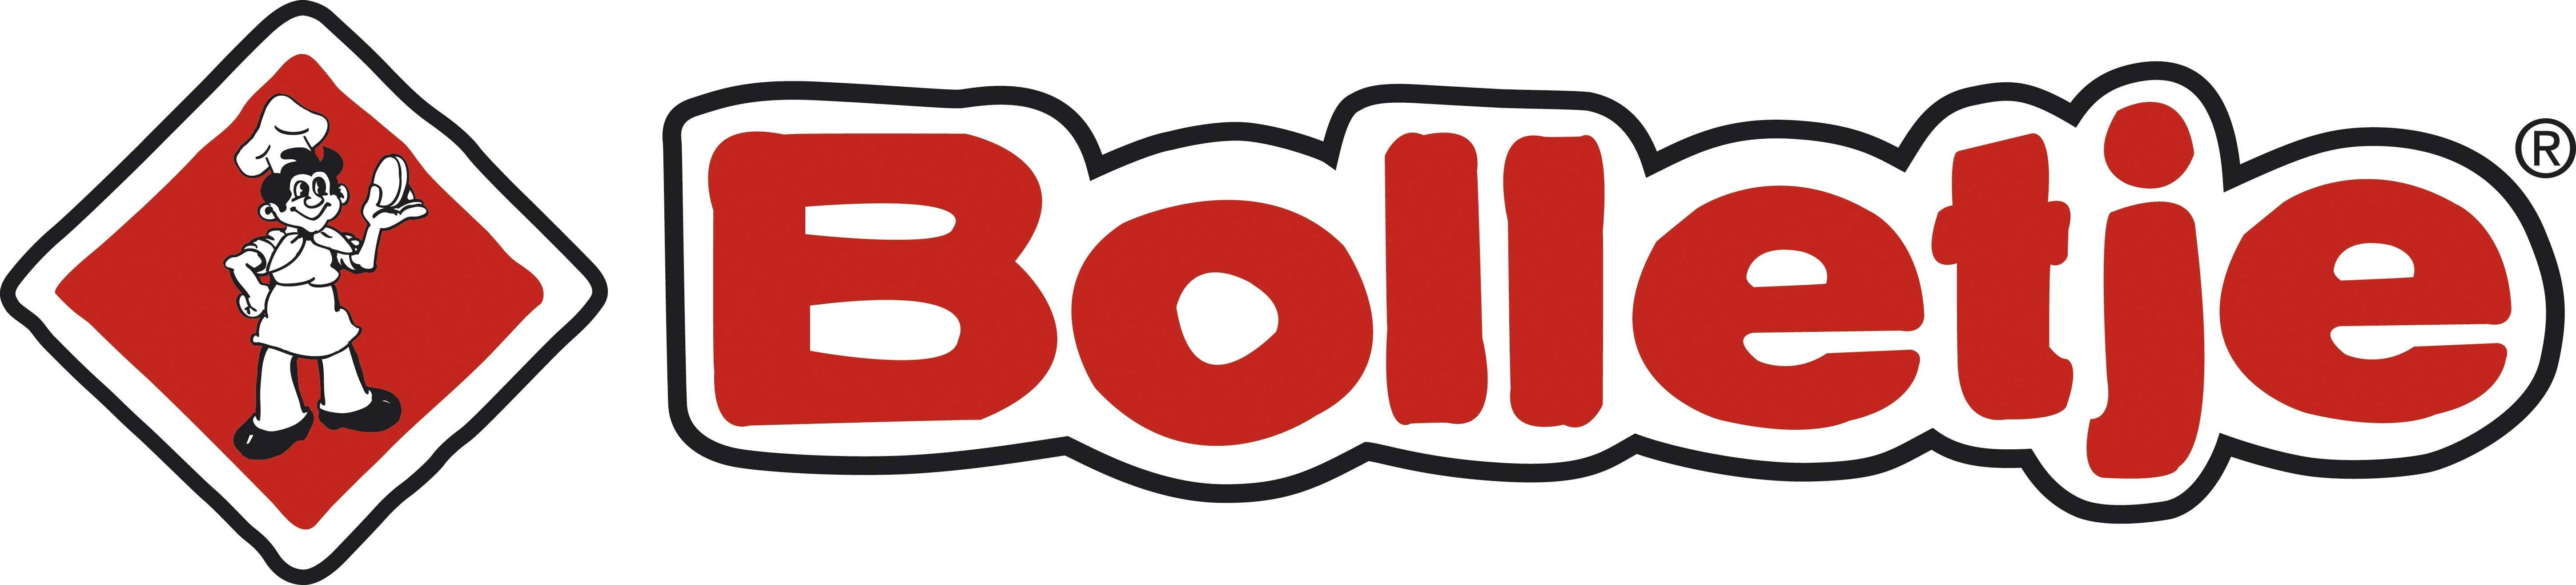 2.Bolletje-logo-klein